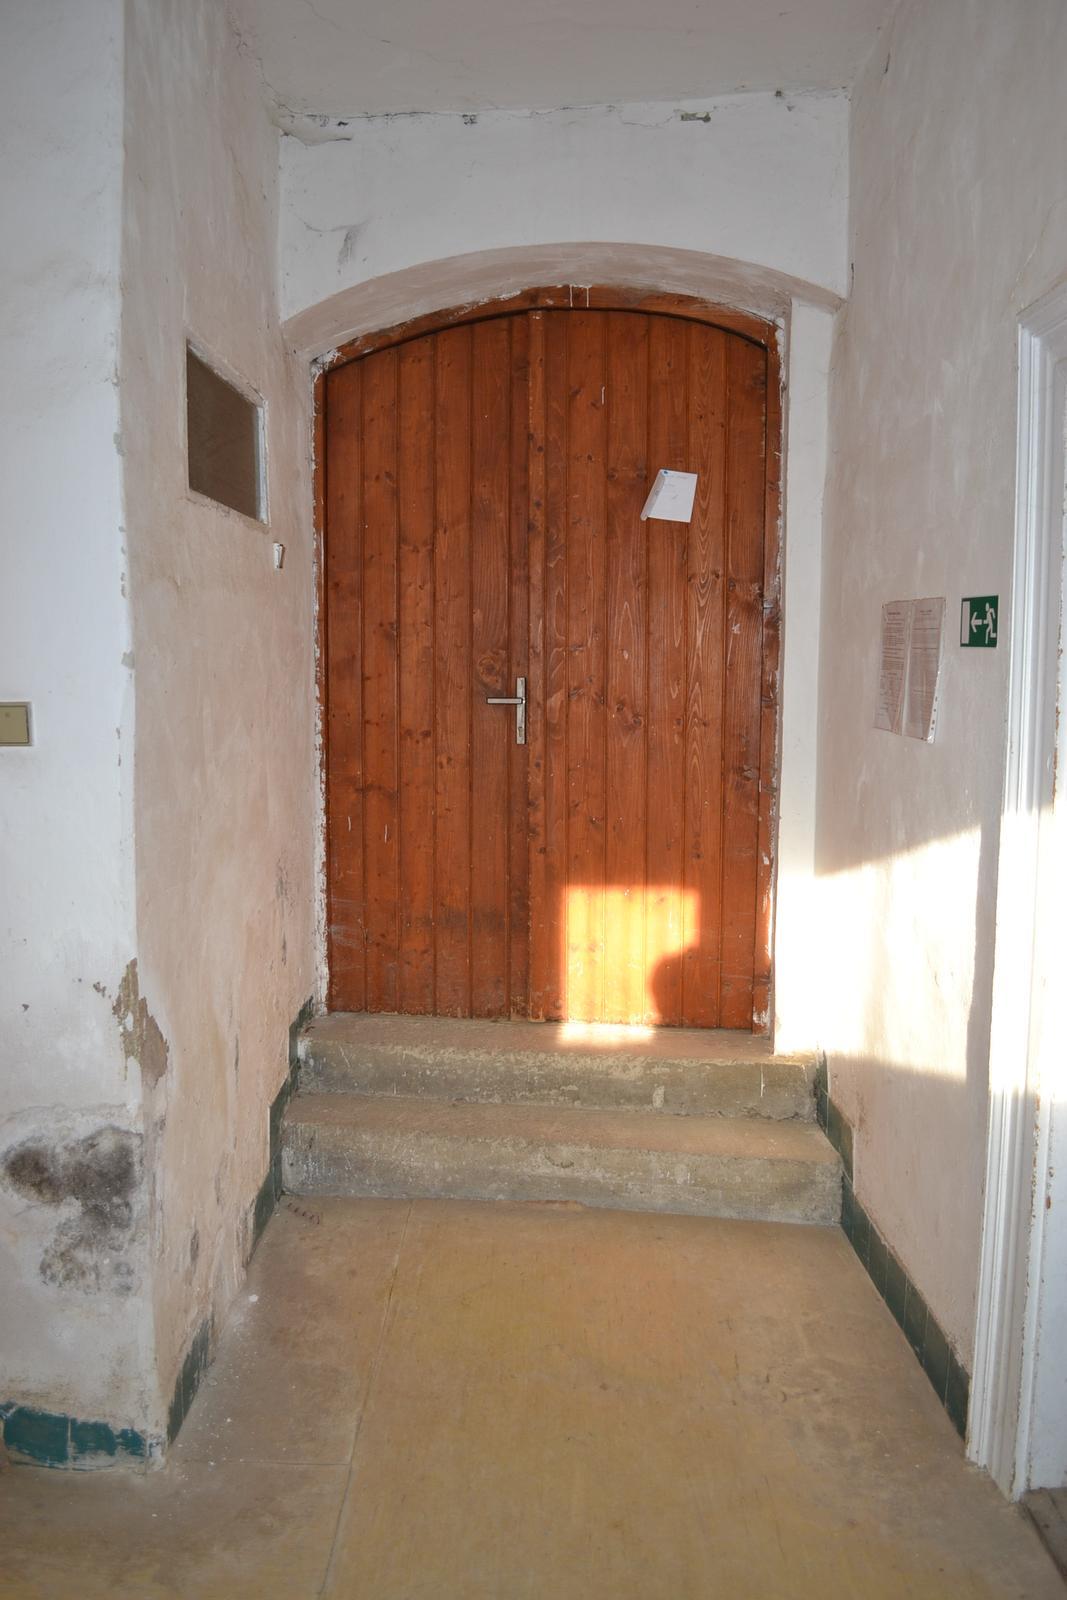 Rekonstrukcia  domu z 18- teho storocia - Obrázok č. 59